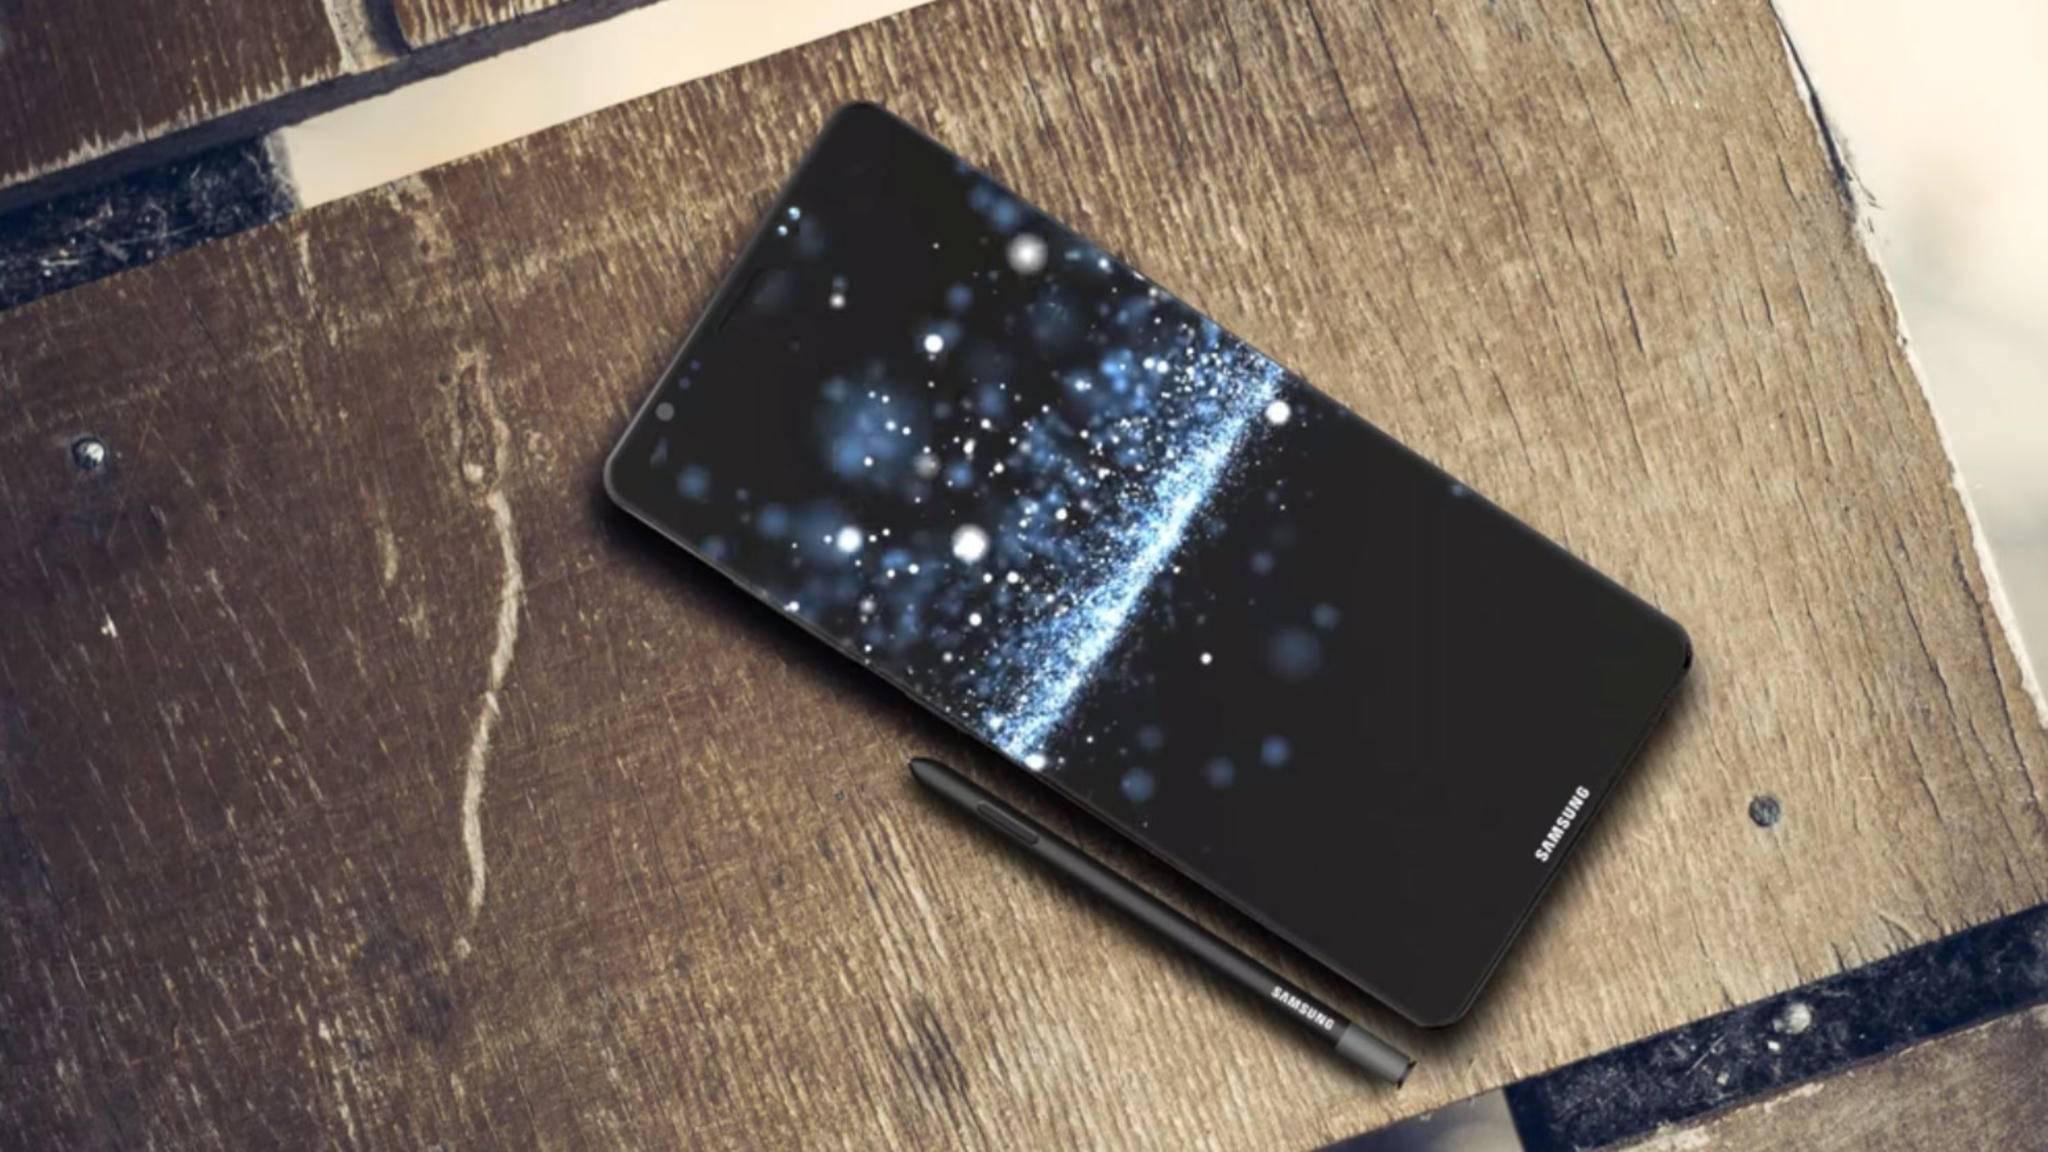 Das Galaxy Note 8 soll noch fortschrittlichere Multimedia-Funktionen bieten.